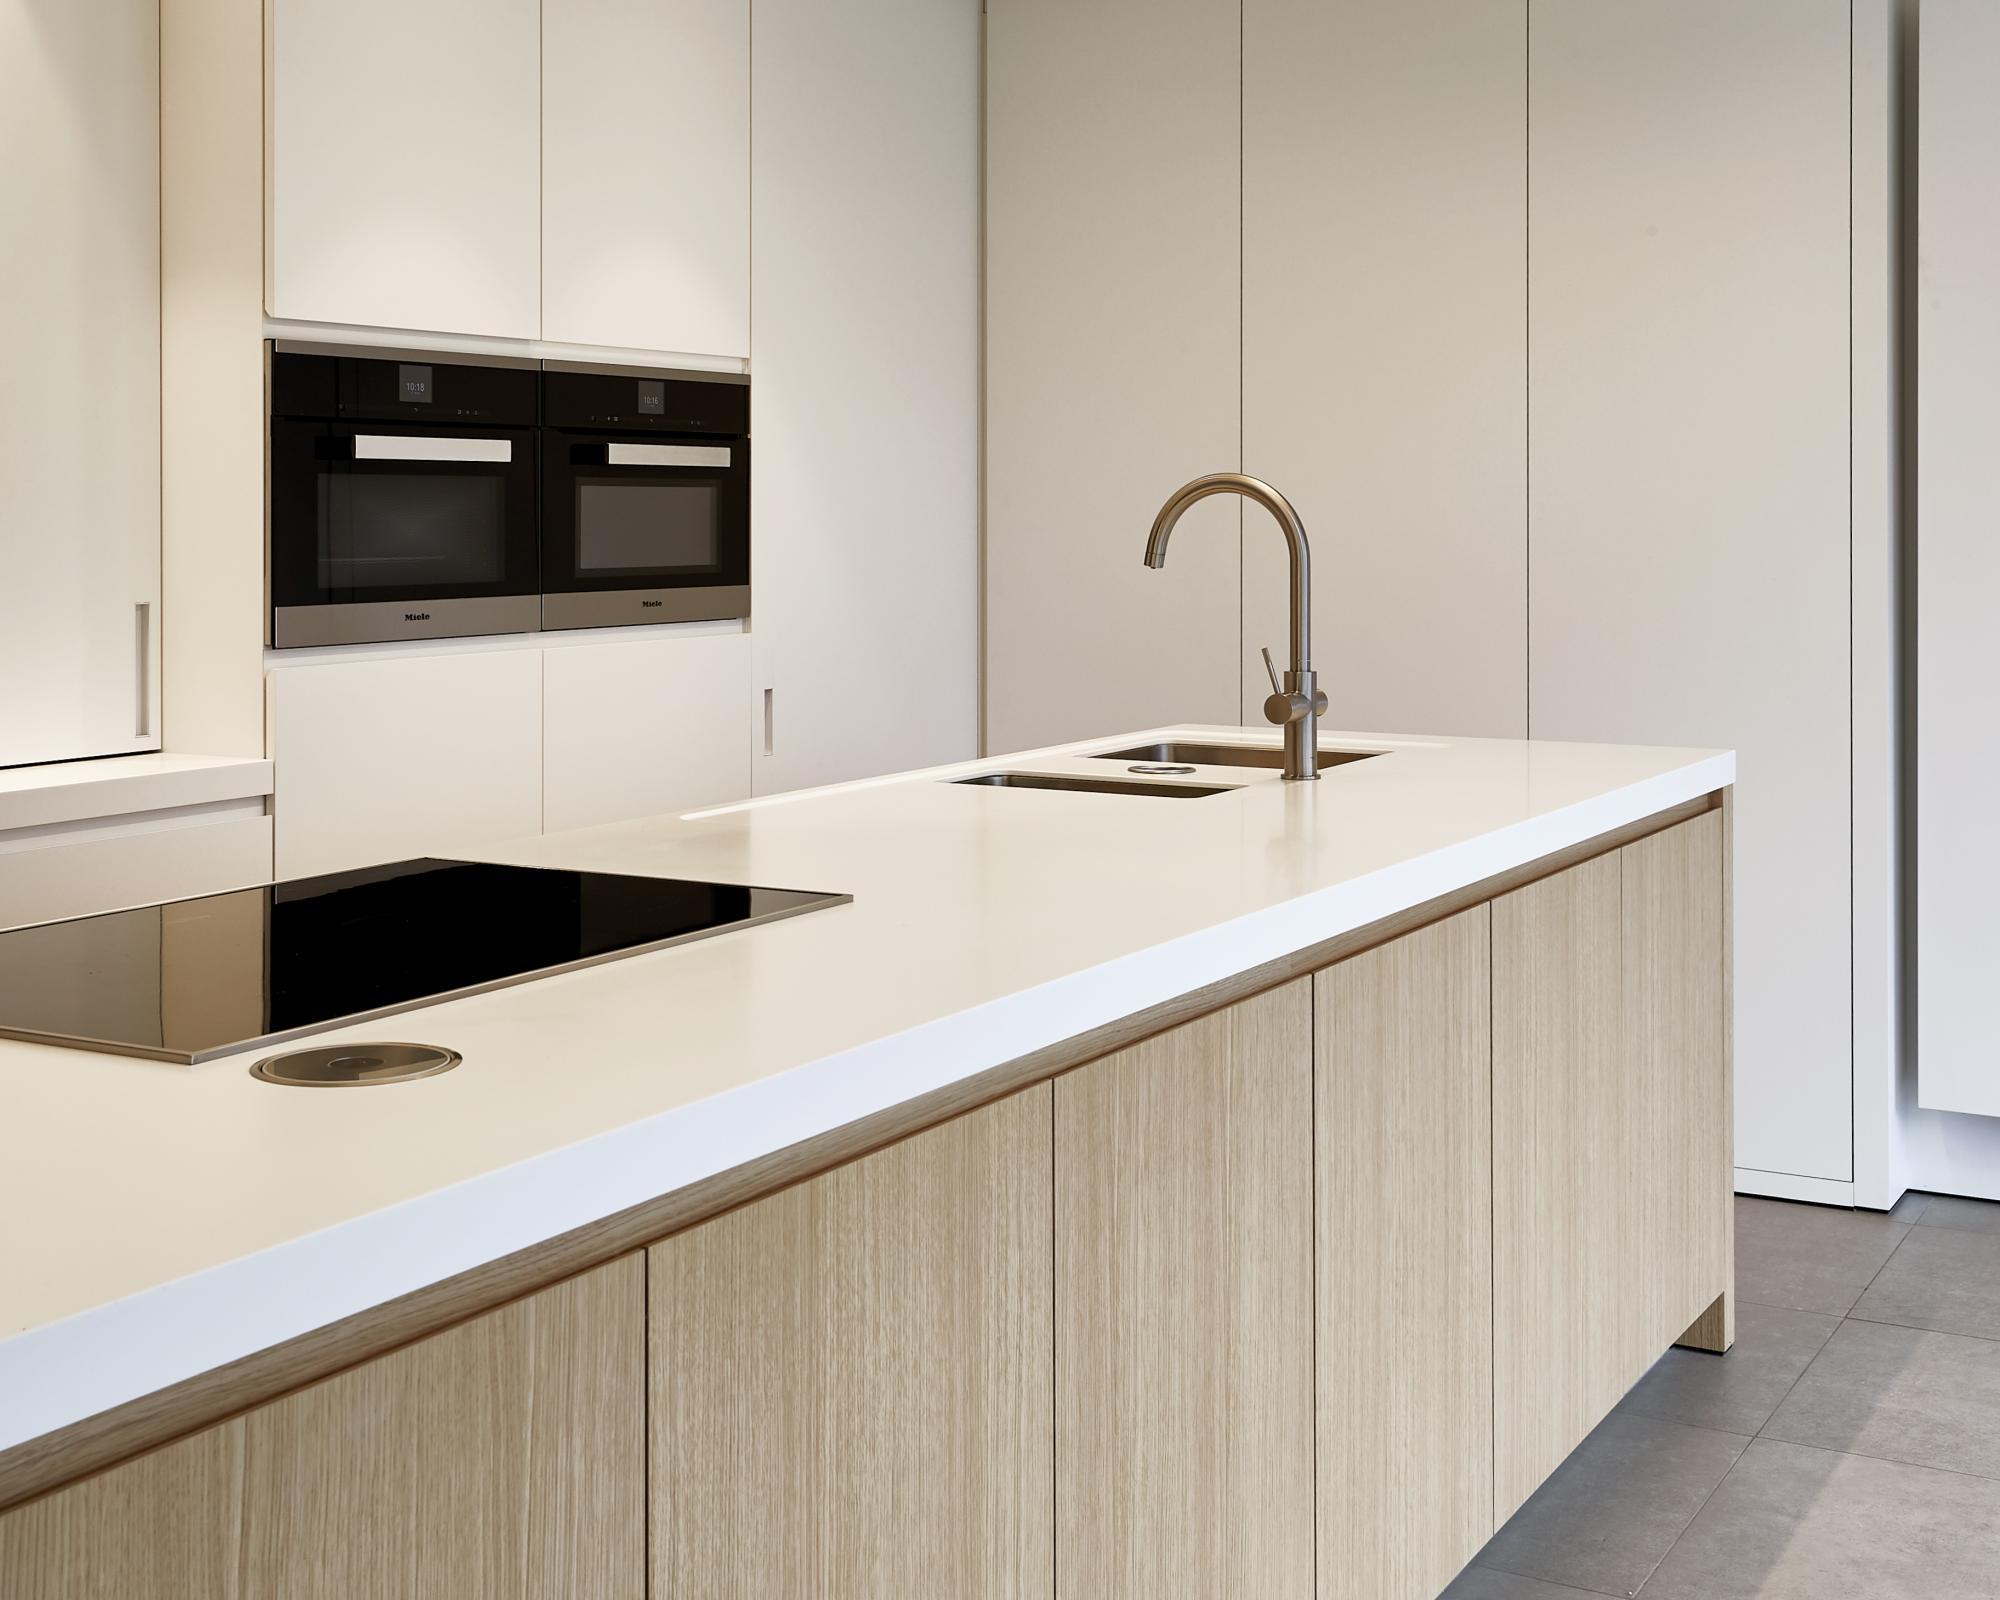 Wonderbaarlijk Keuken   Mobitim - Corian Design SL-38